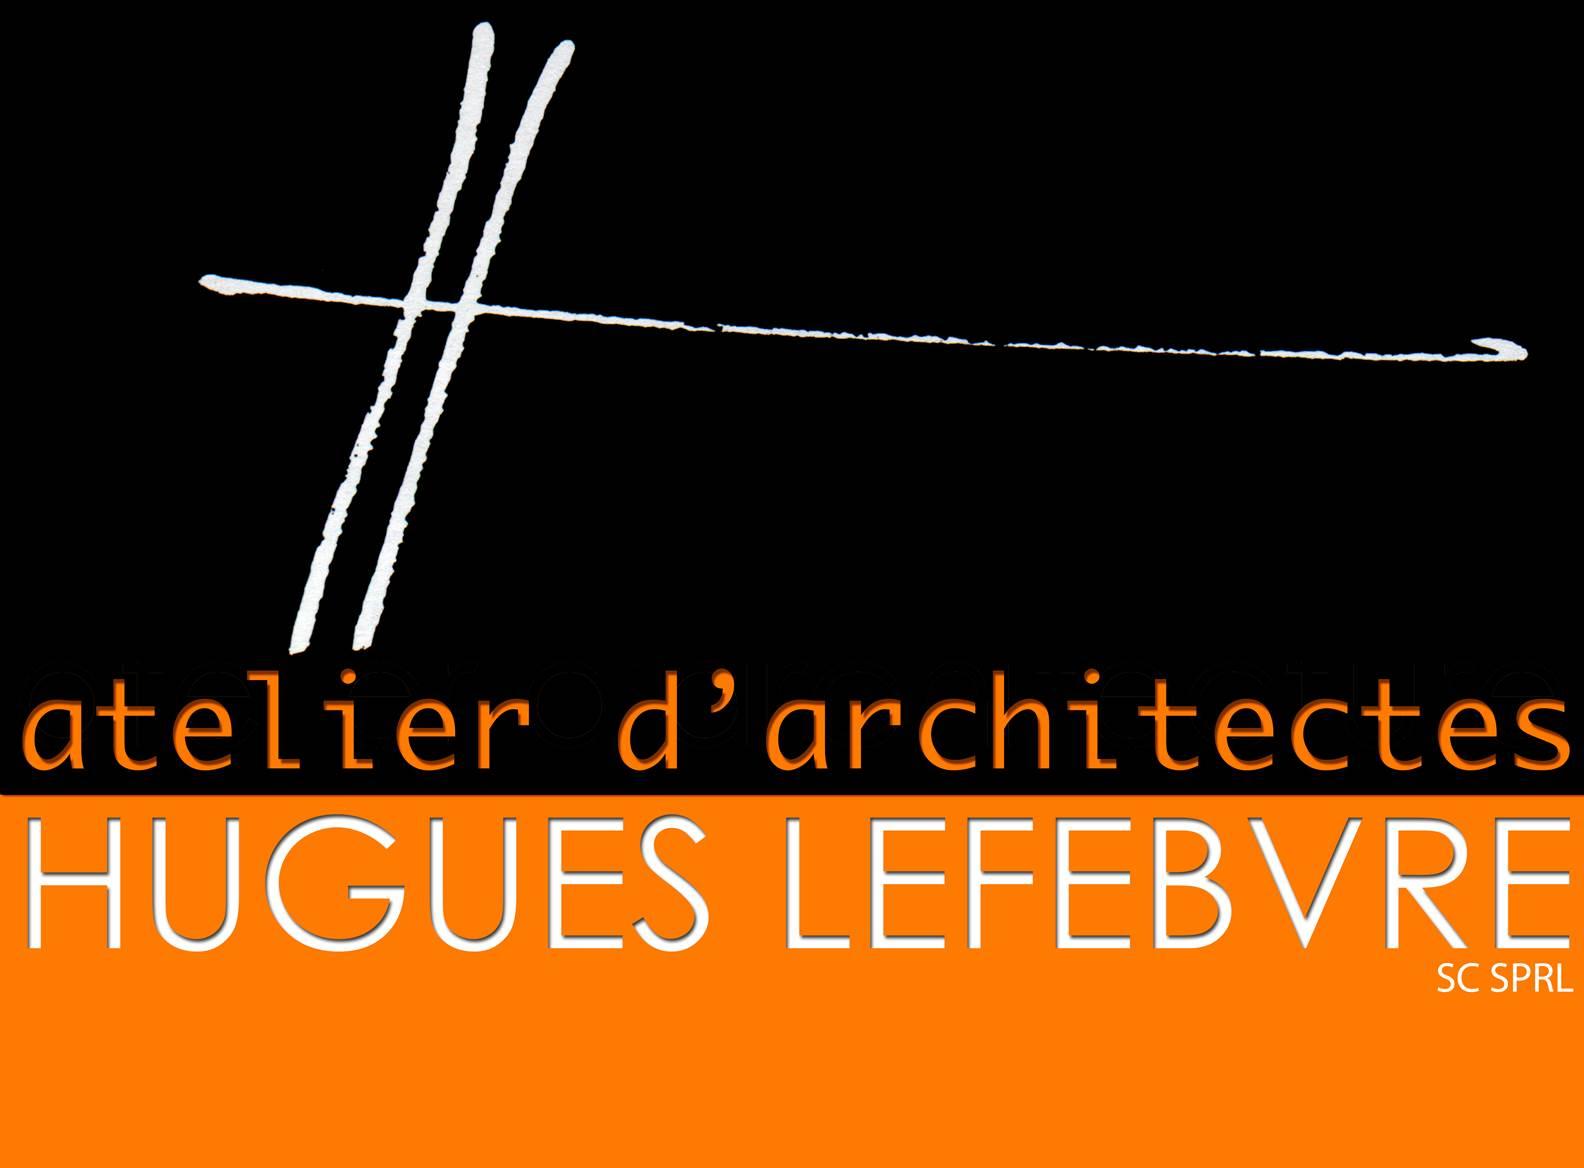 Atelier D'architectes Hugues Lefebvre